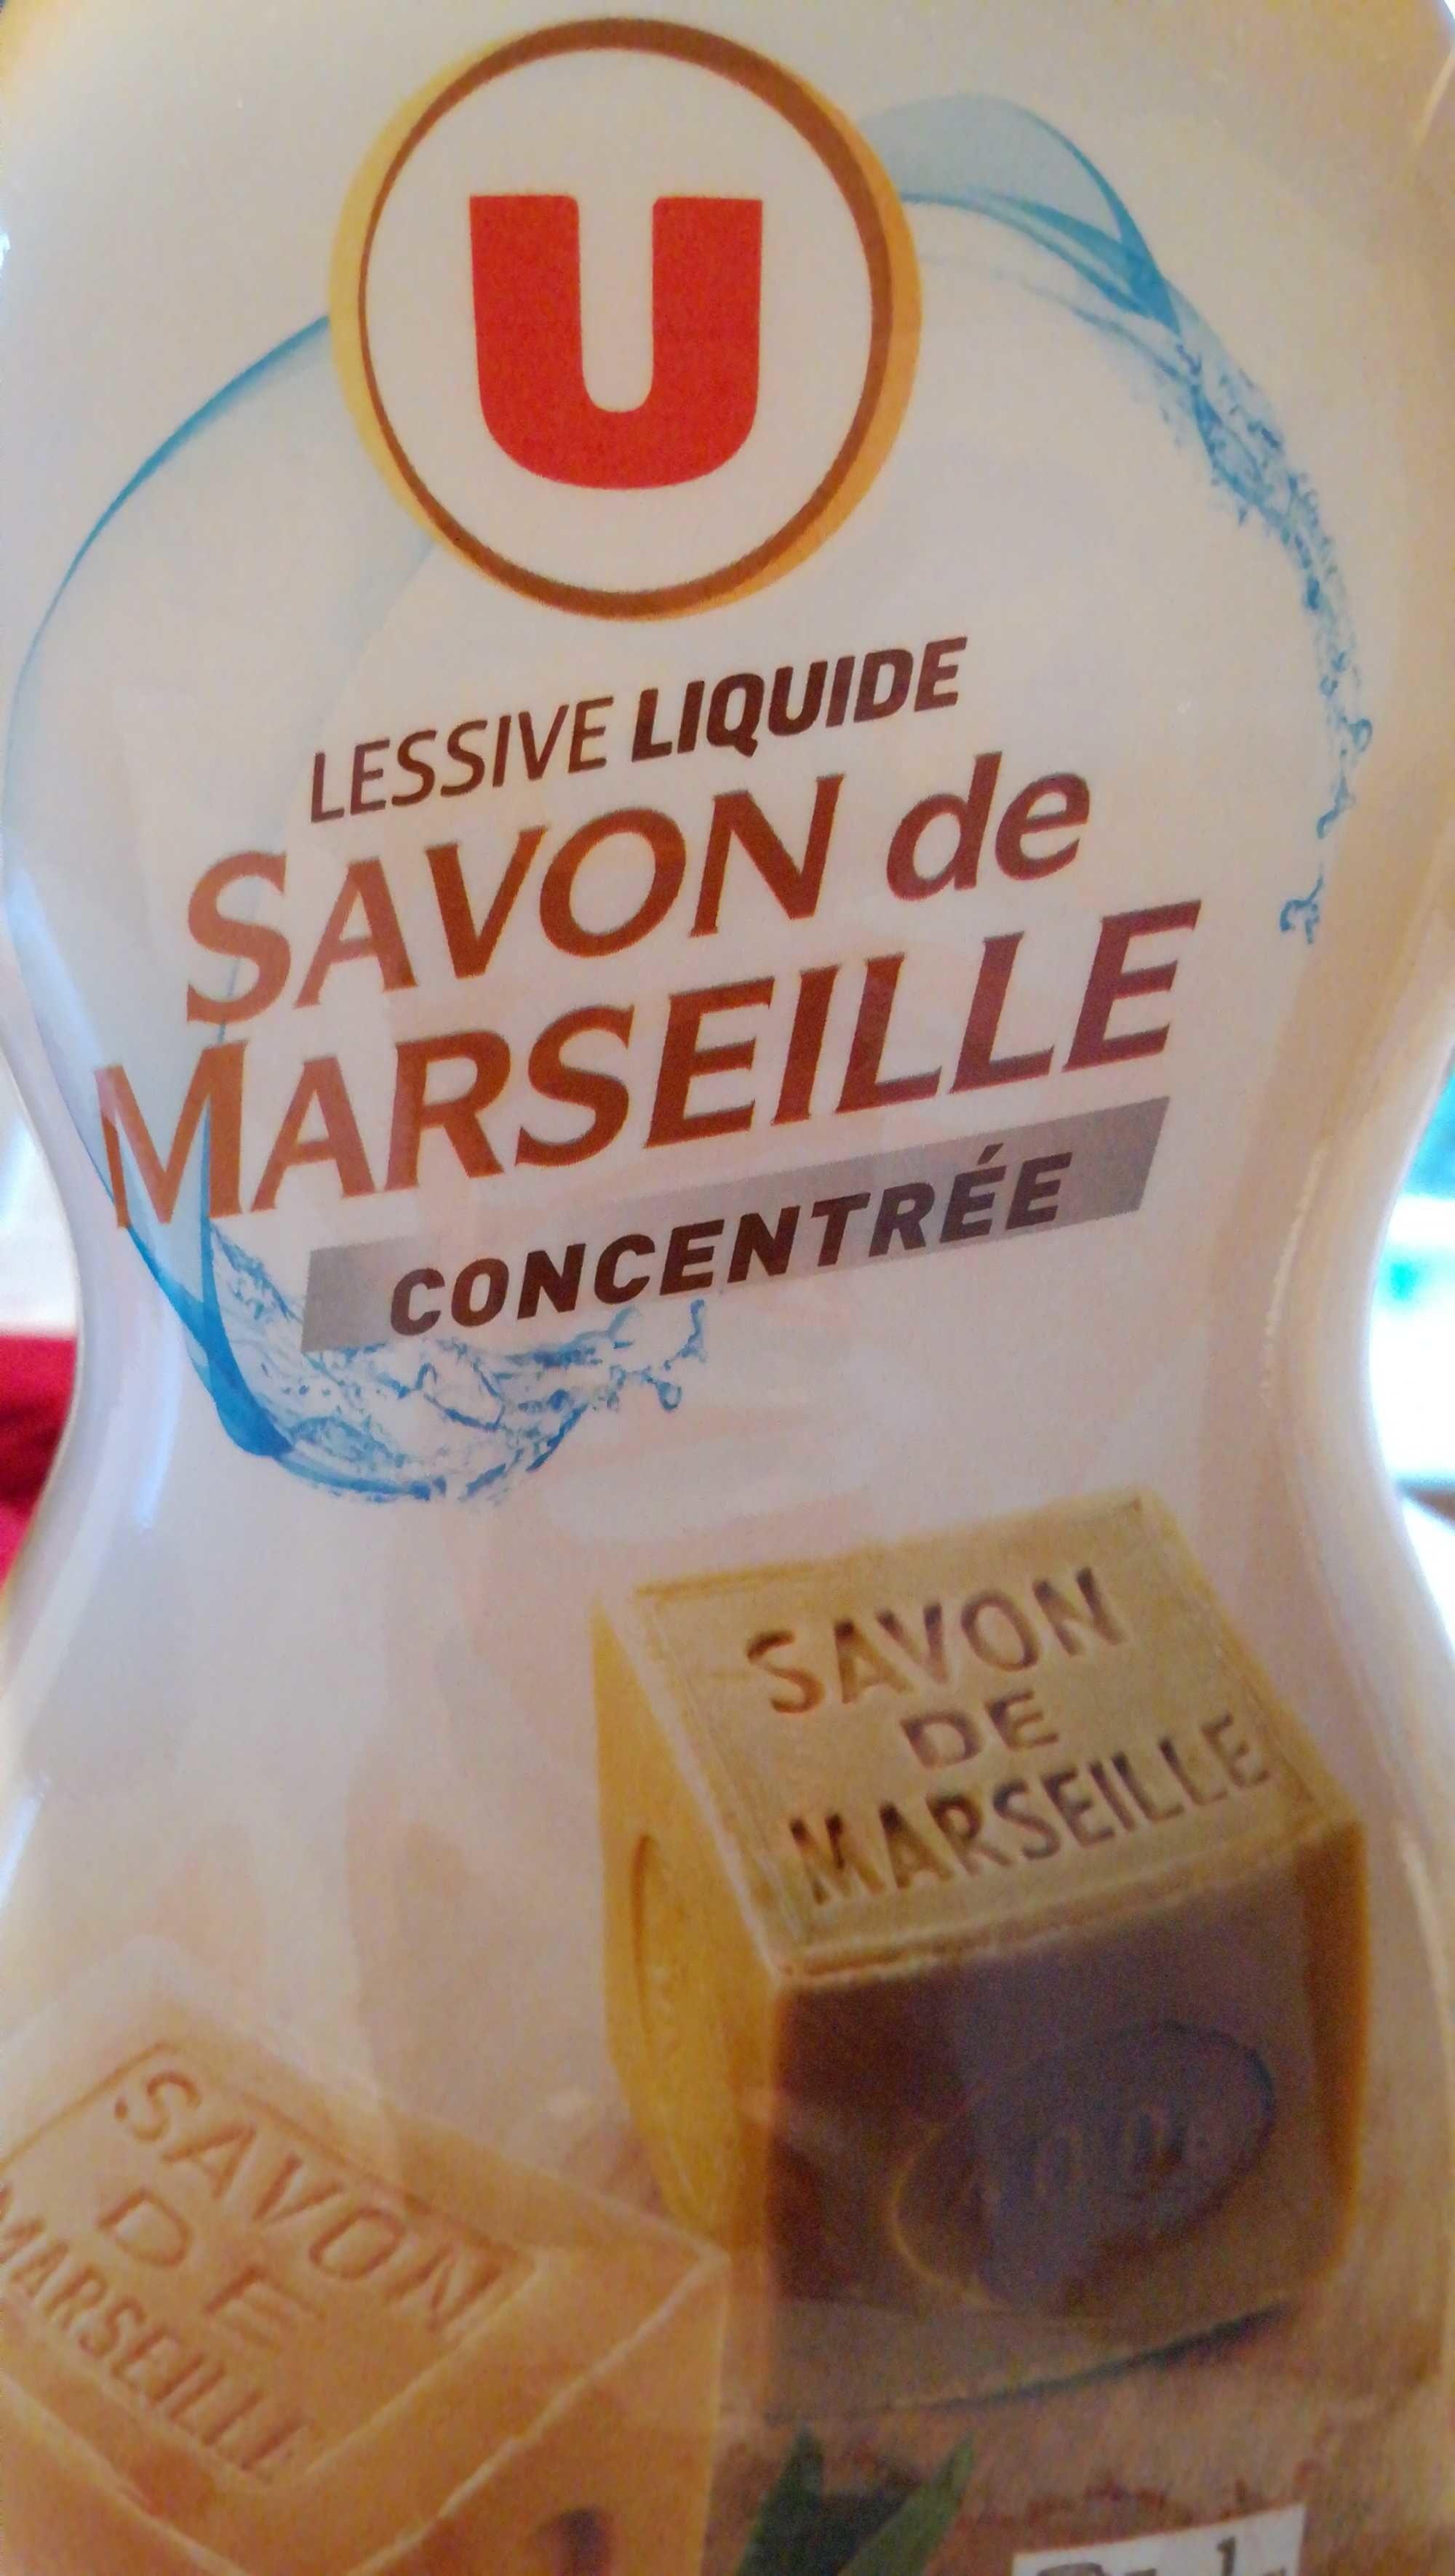 Lessive liquide savon de Marseille concentrée - Product